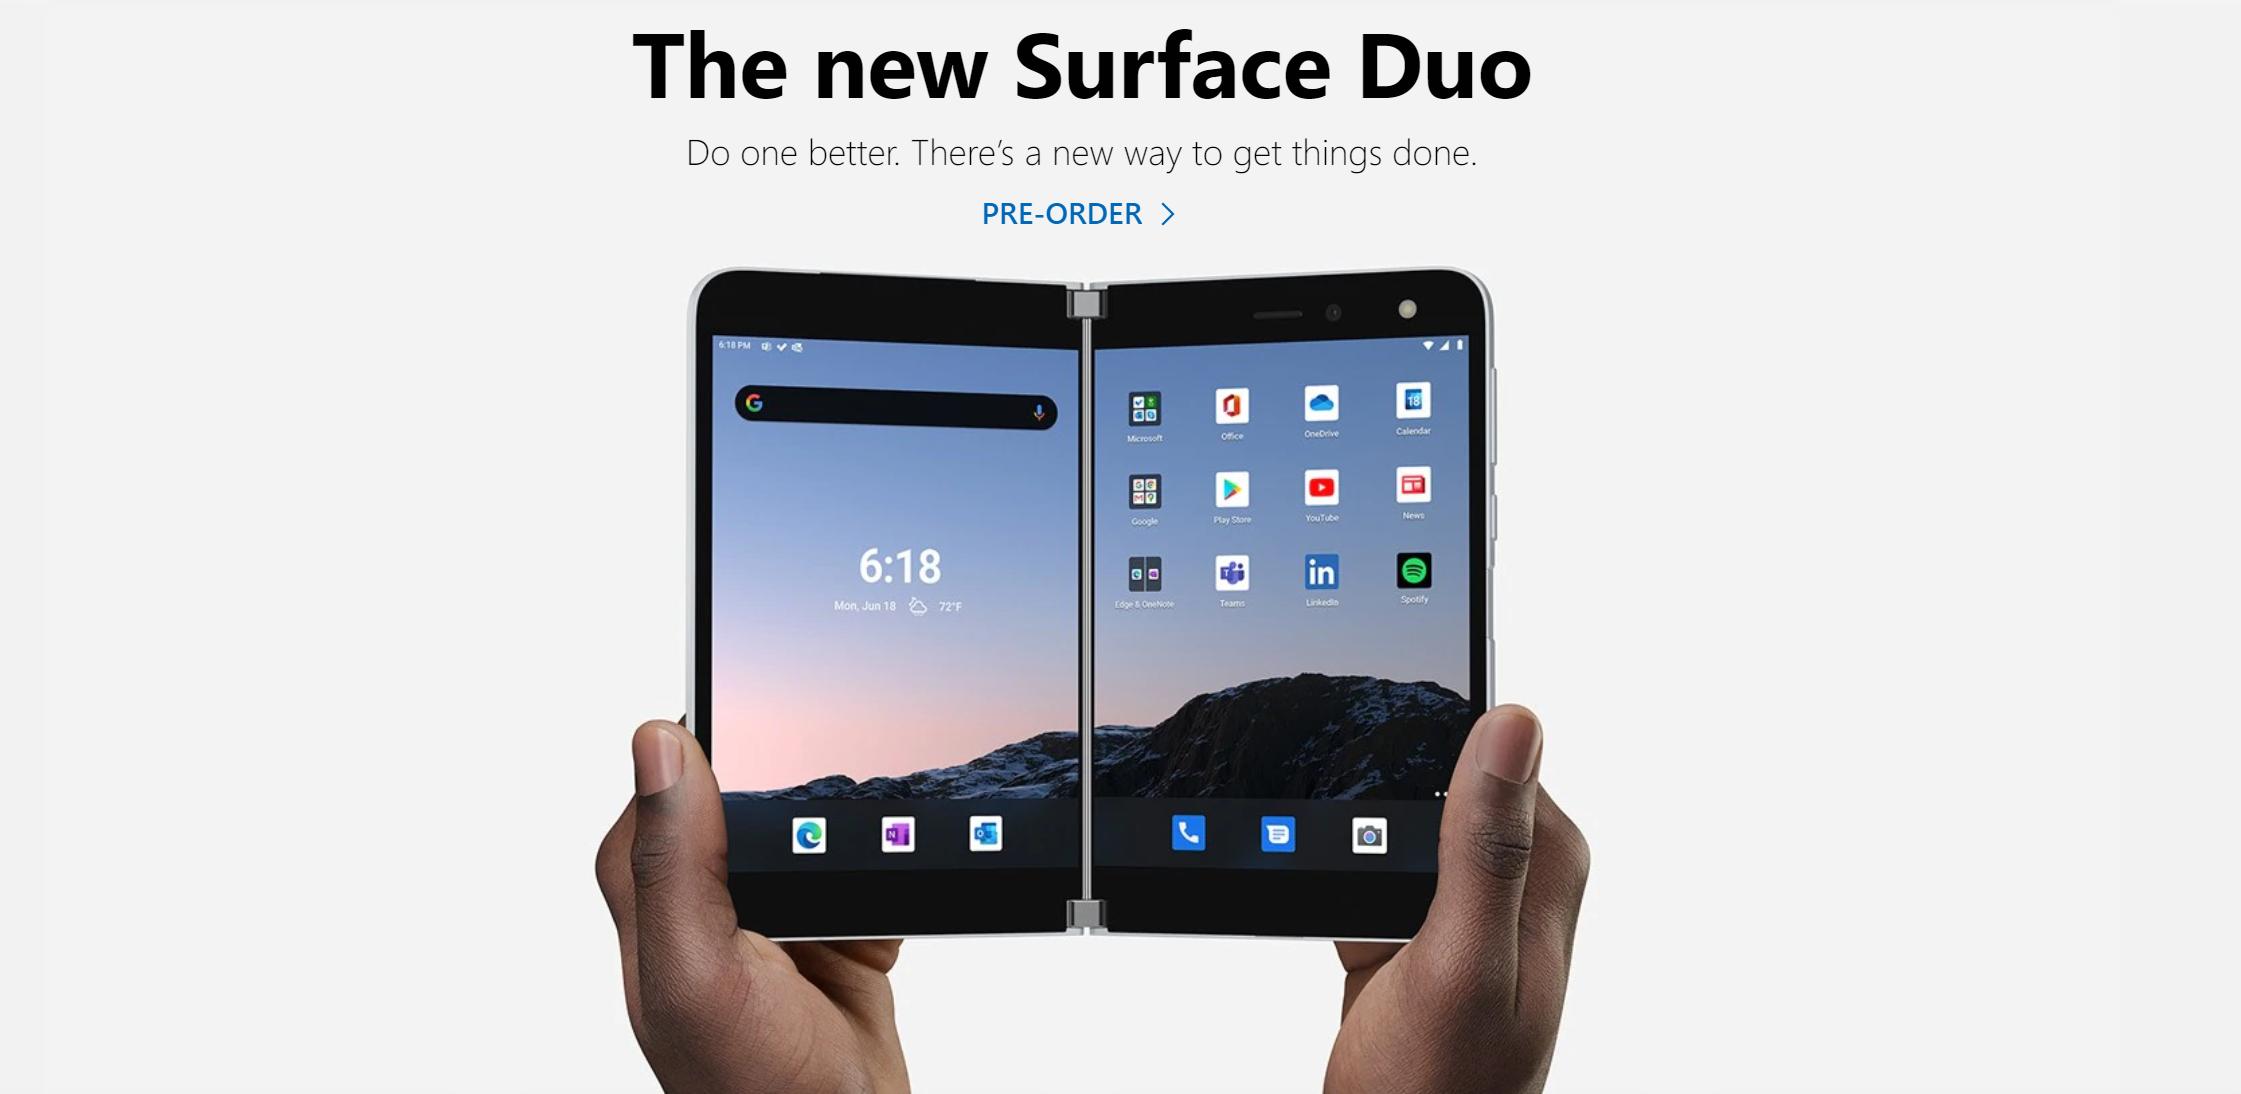 微软双屏手机Surface Duo下月10日发售 起价1399美元